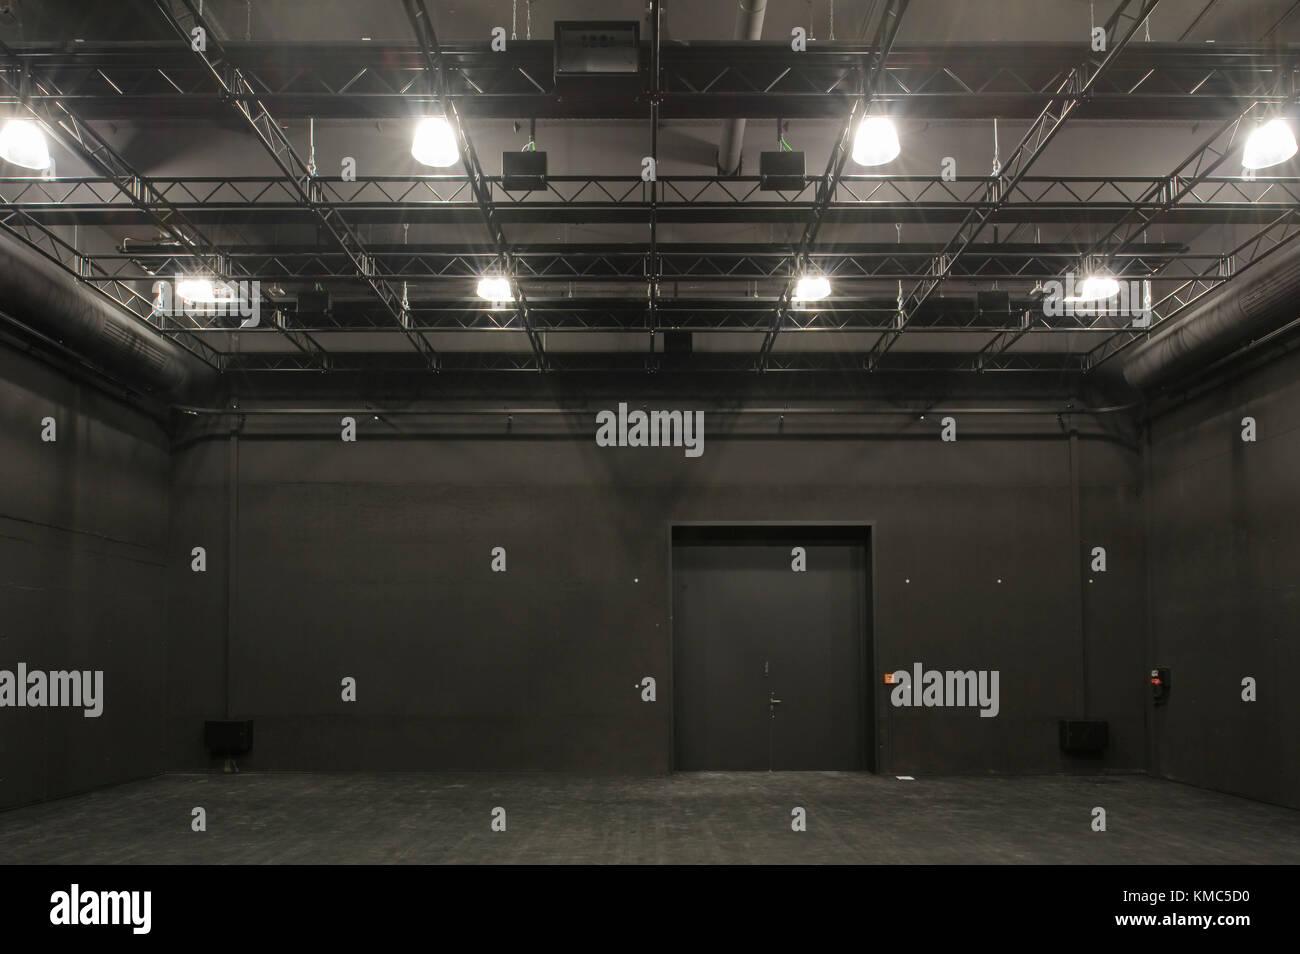 Hildesheim, Niedersachsen, Universität, Theater, Bühne, Raum, schwarz,leer, Scheinwerfer, Probe, Student - Stock Image